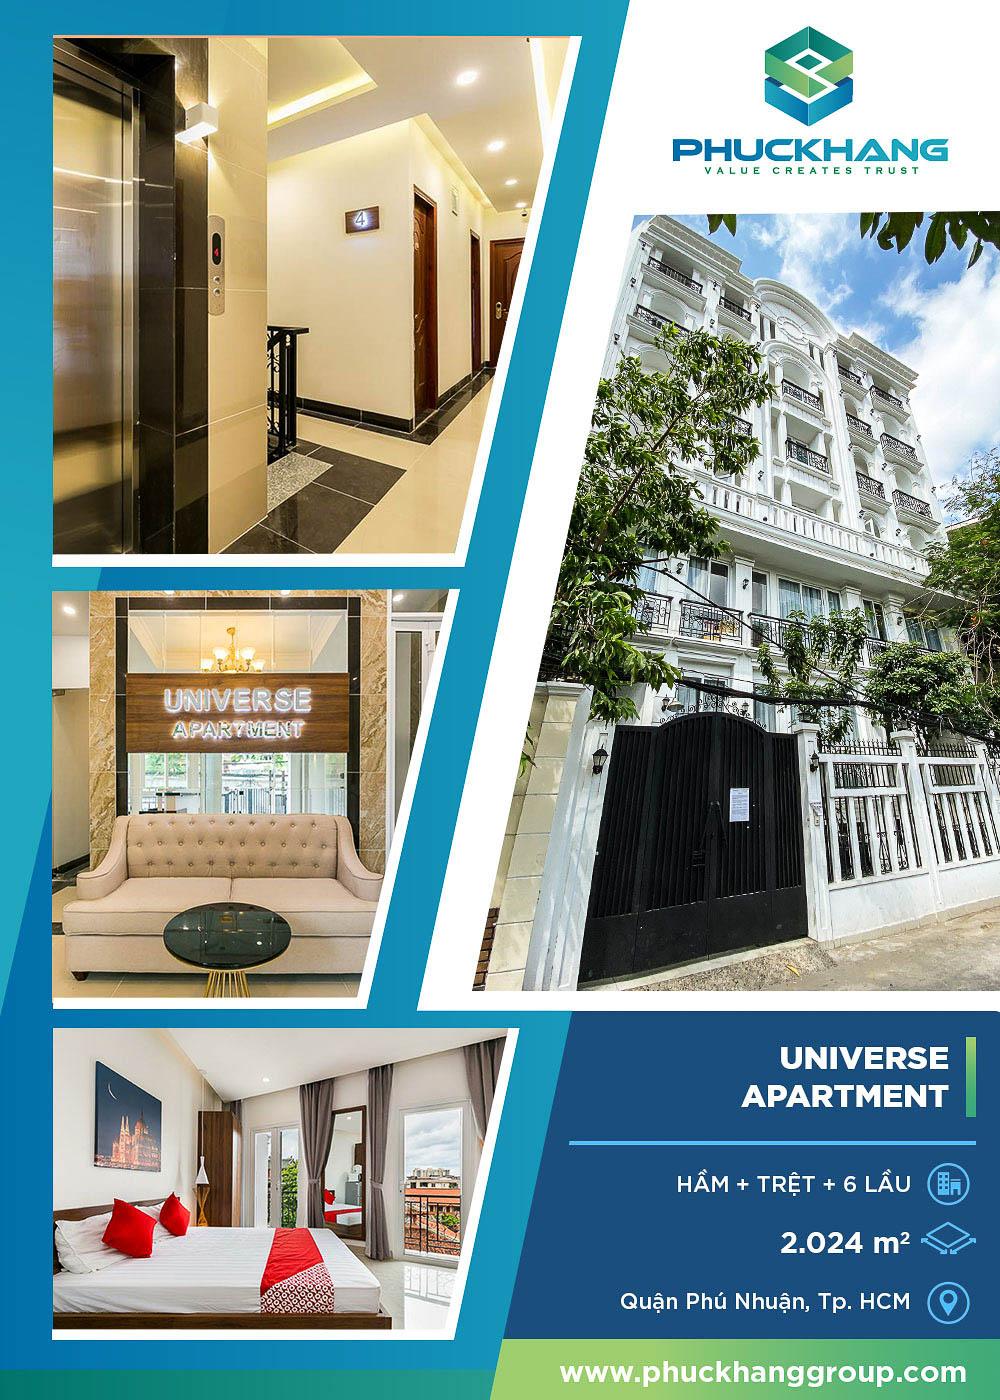 universe apartment xây nhà trọn gói